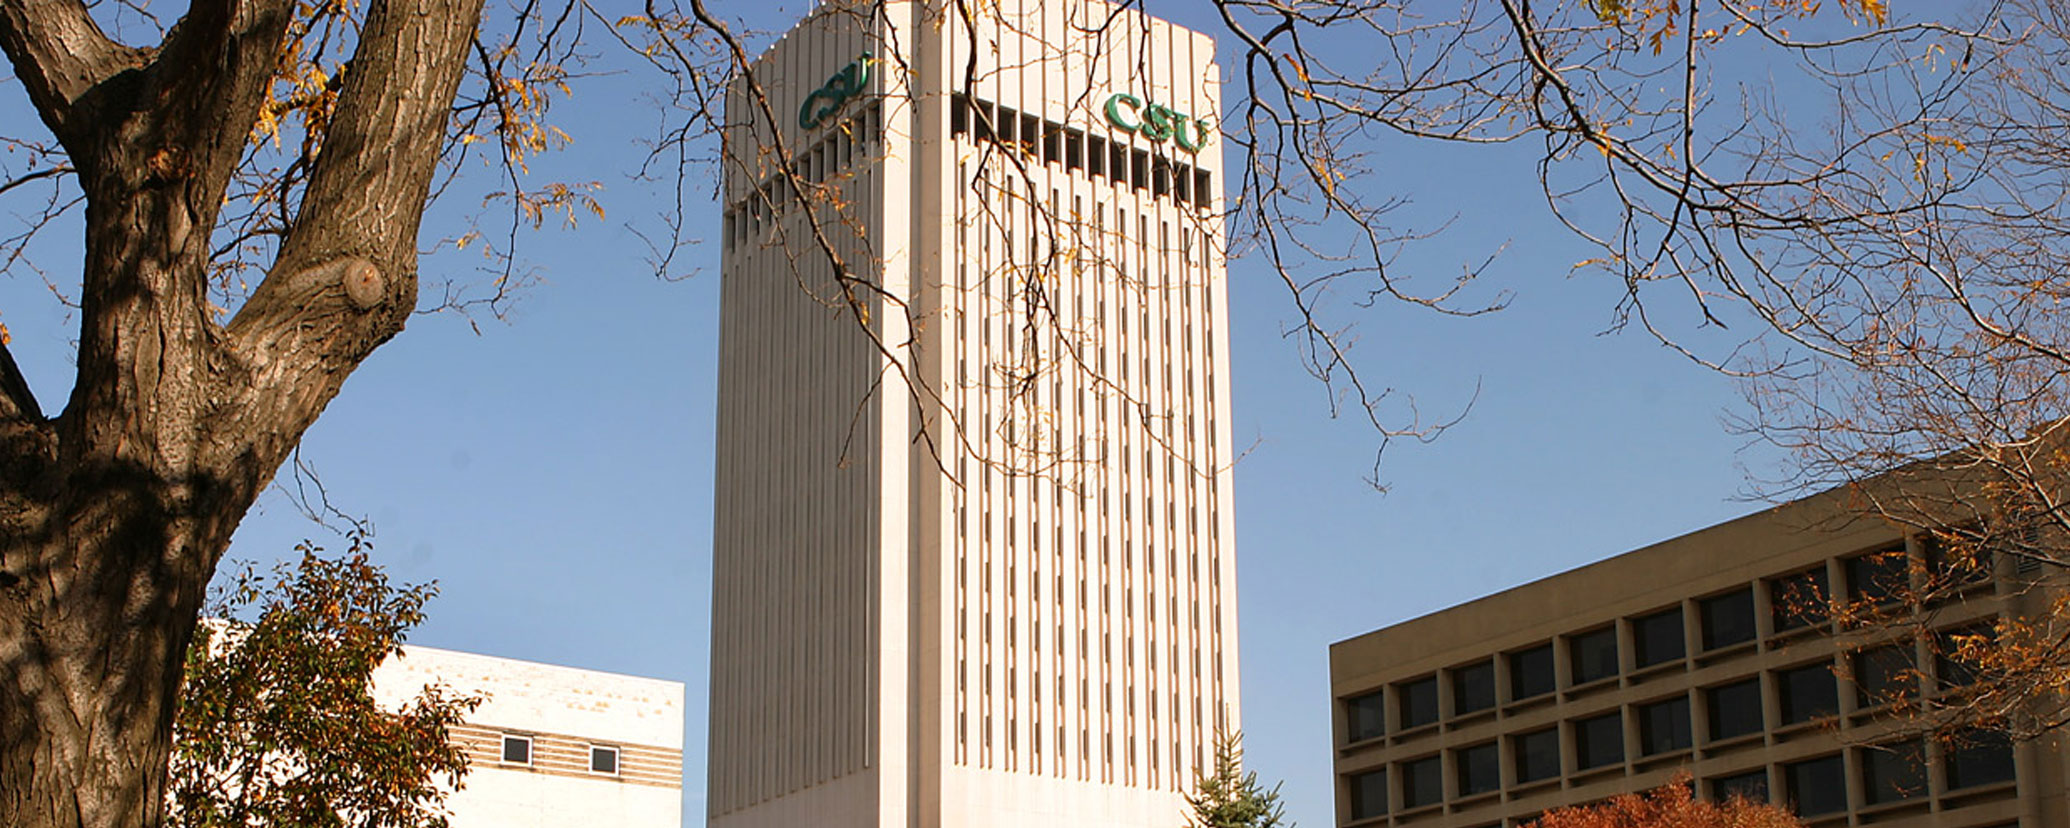 Caddell Construction   Library & Office Bldg. at CSU